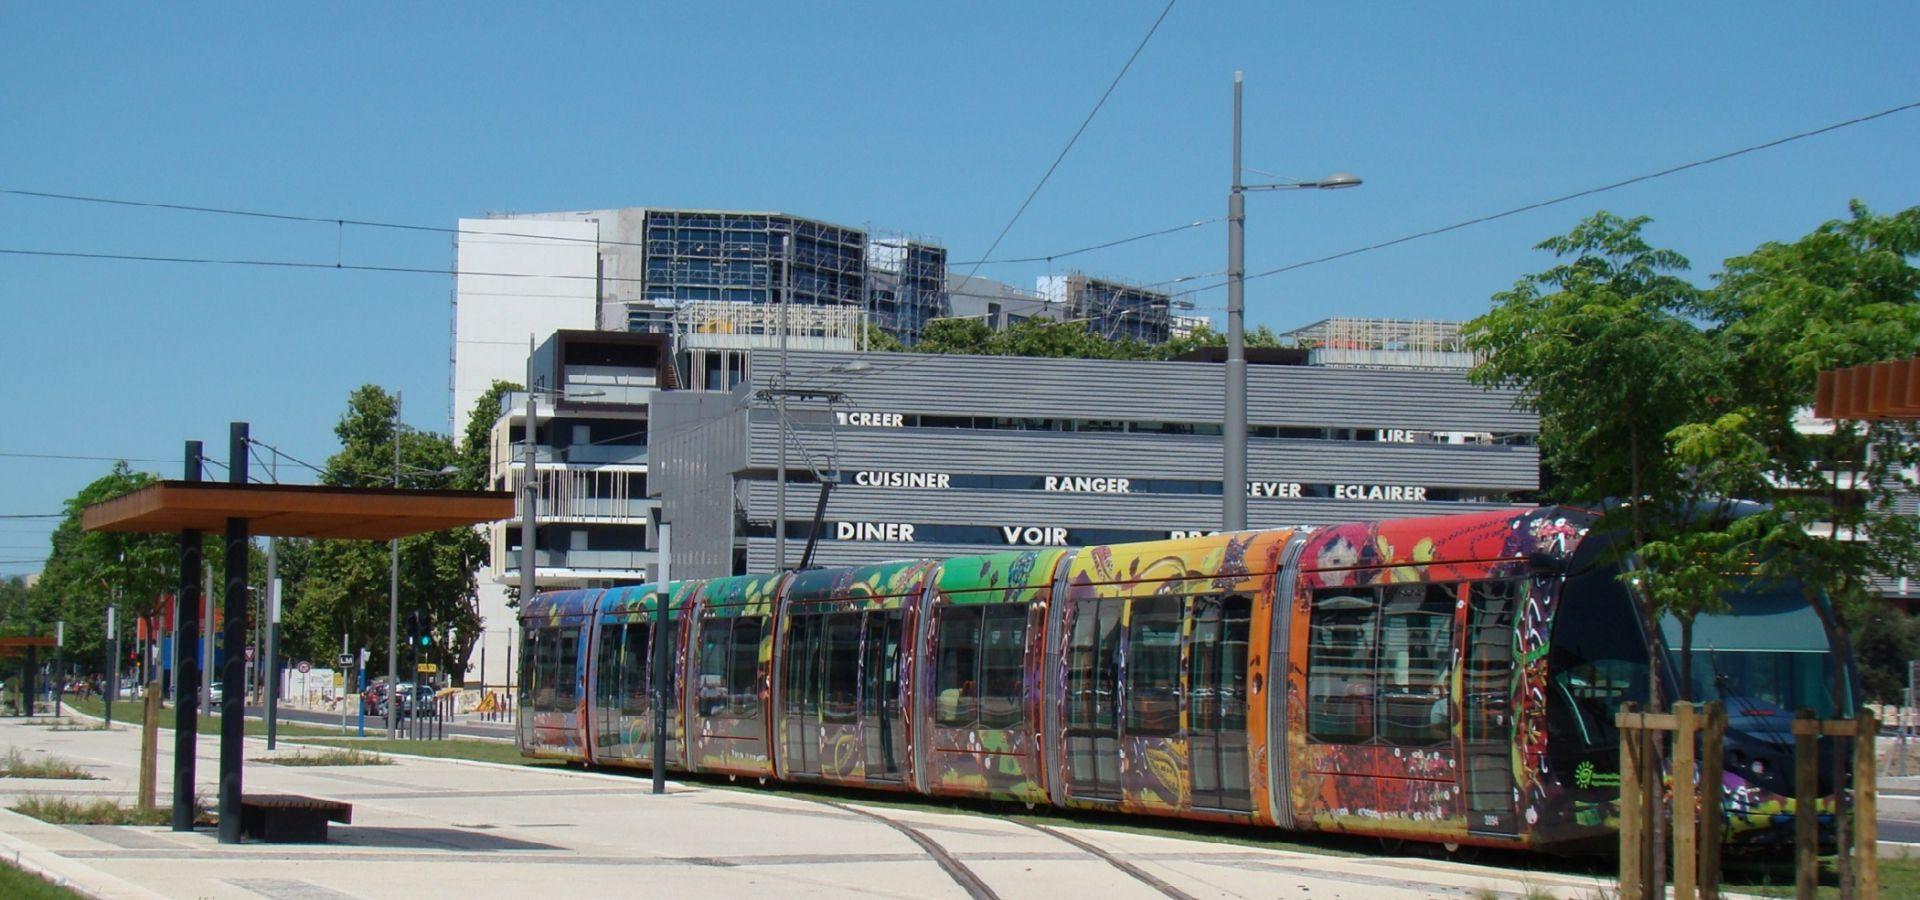 OMBRIERES acier corten METALCO MOBILCONCEPTS abris de stations Ligne Tramway Montpellier